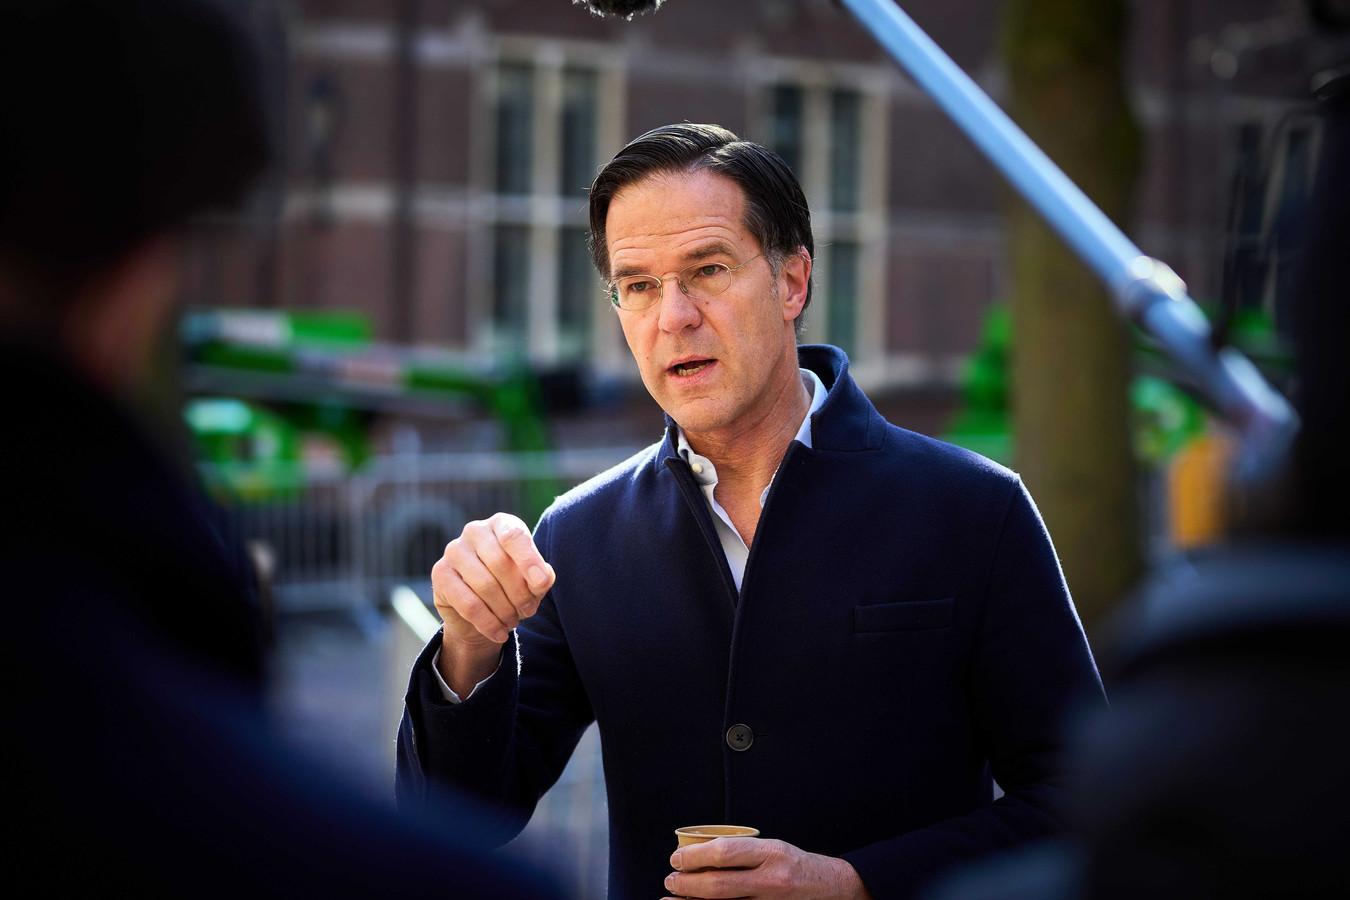 Demissionair minister-president Mark Rutte (VVD) op het Binnenhof.